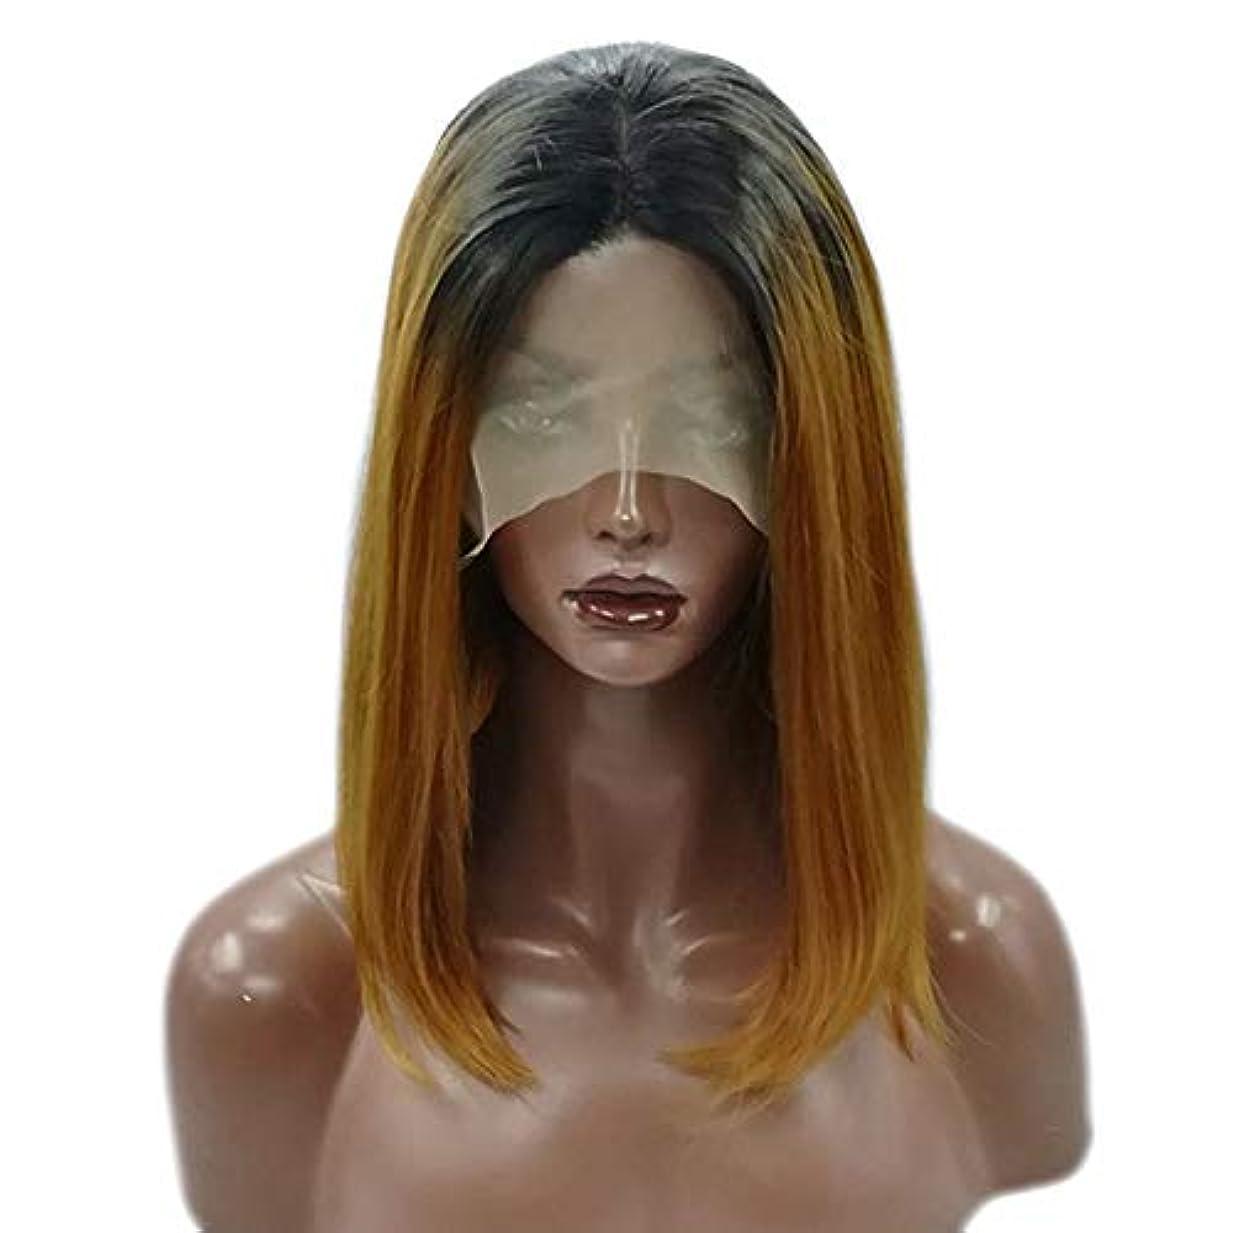 疑問を超えて東高度なYOUQIU 女子ショートストレートウィッグ肩の長さ黒合成ボブヘアウィッグ耐熱フル?ヘアウィッグウィッグ (色 : Photo Color)